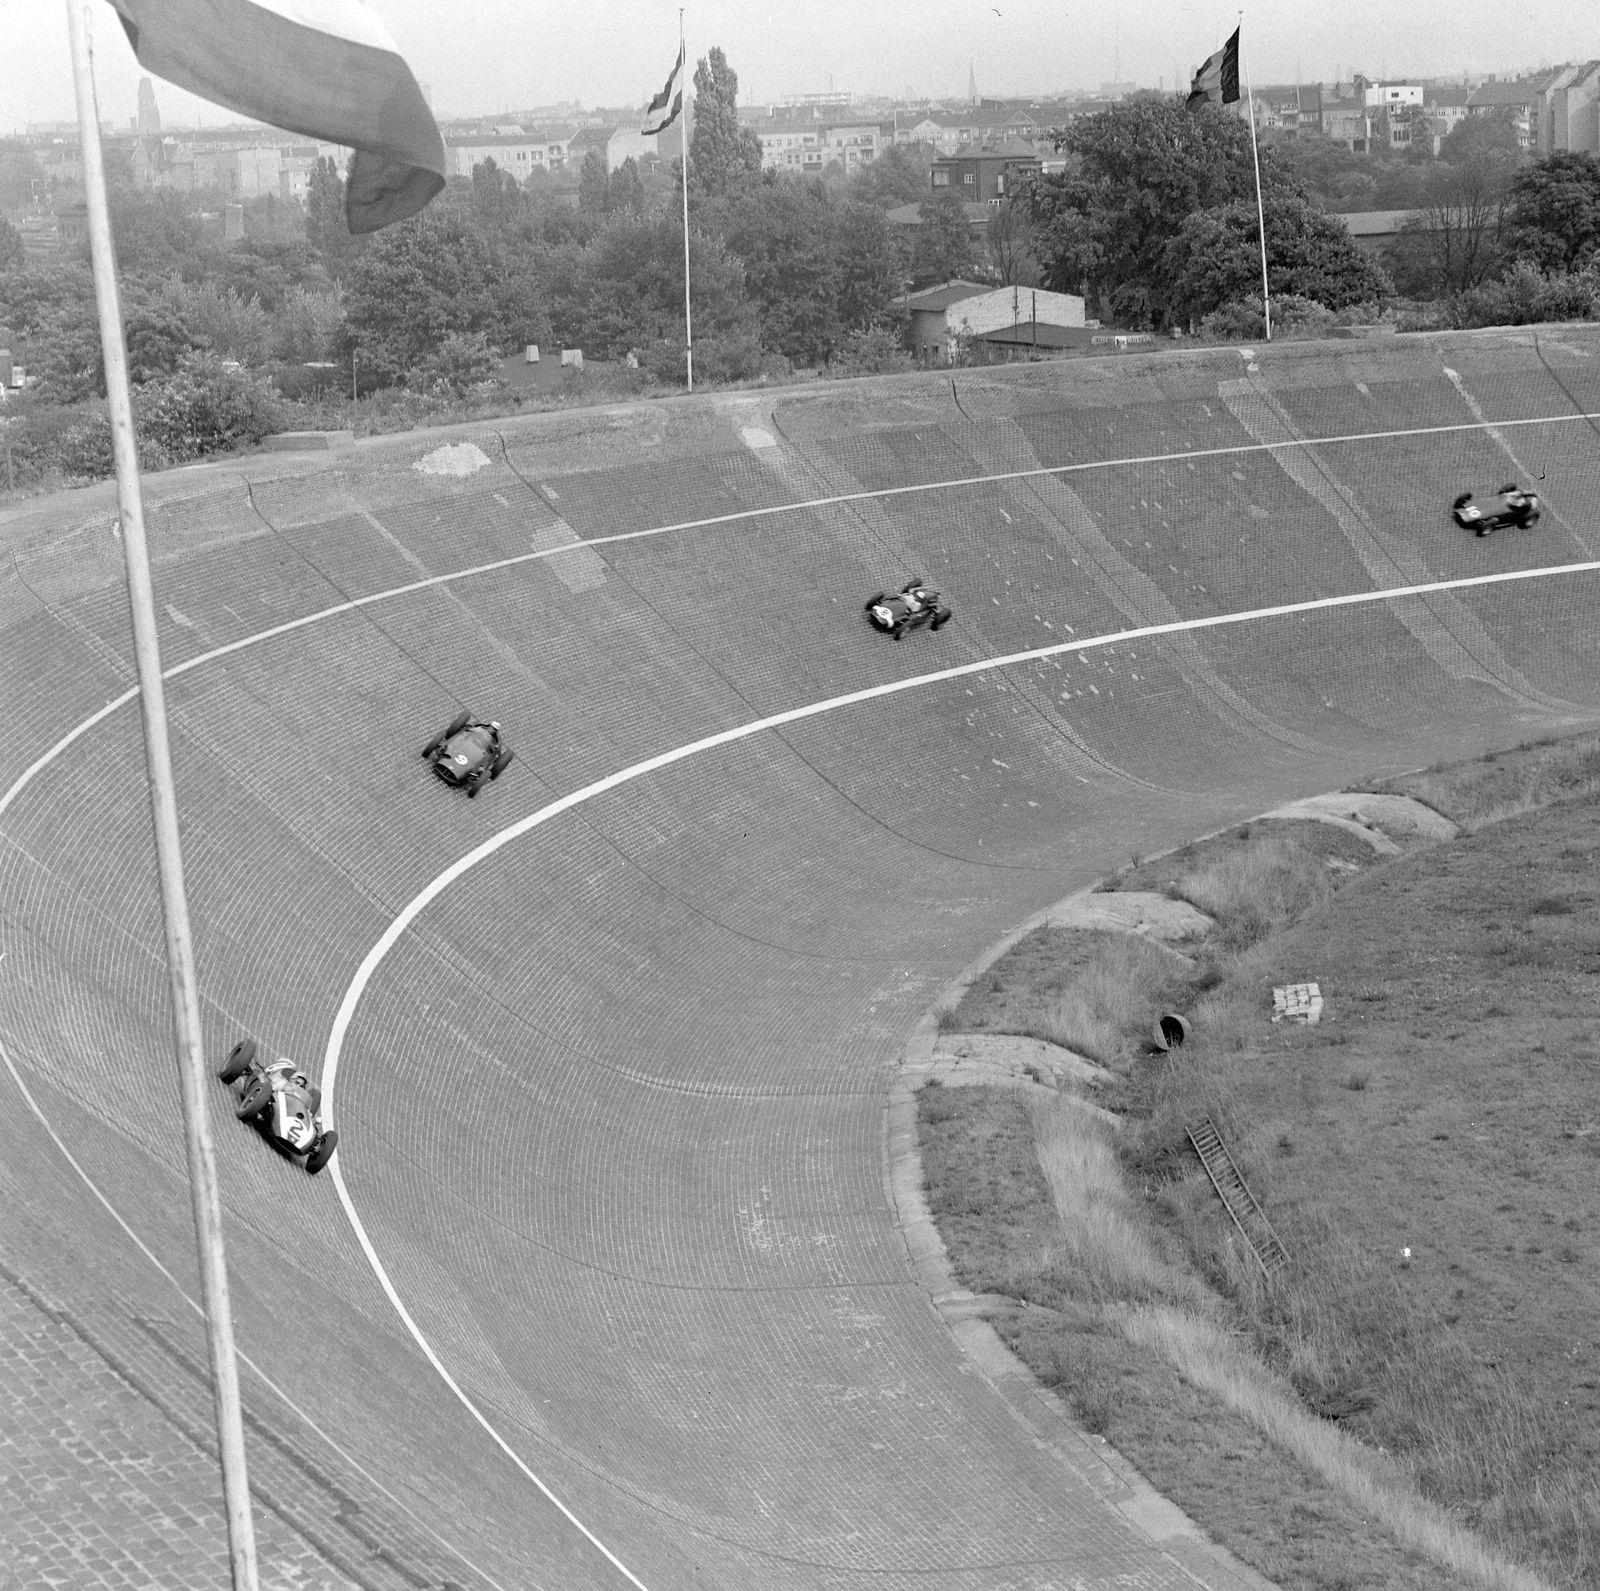 1959 German GP AVUS GERMANY AUGUST 02 Bruce McLaren Cooper T51 Climax leads Jo Bonnier BRM P2